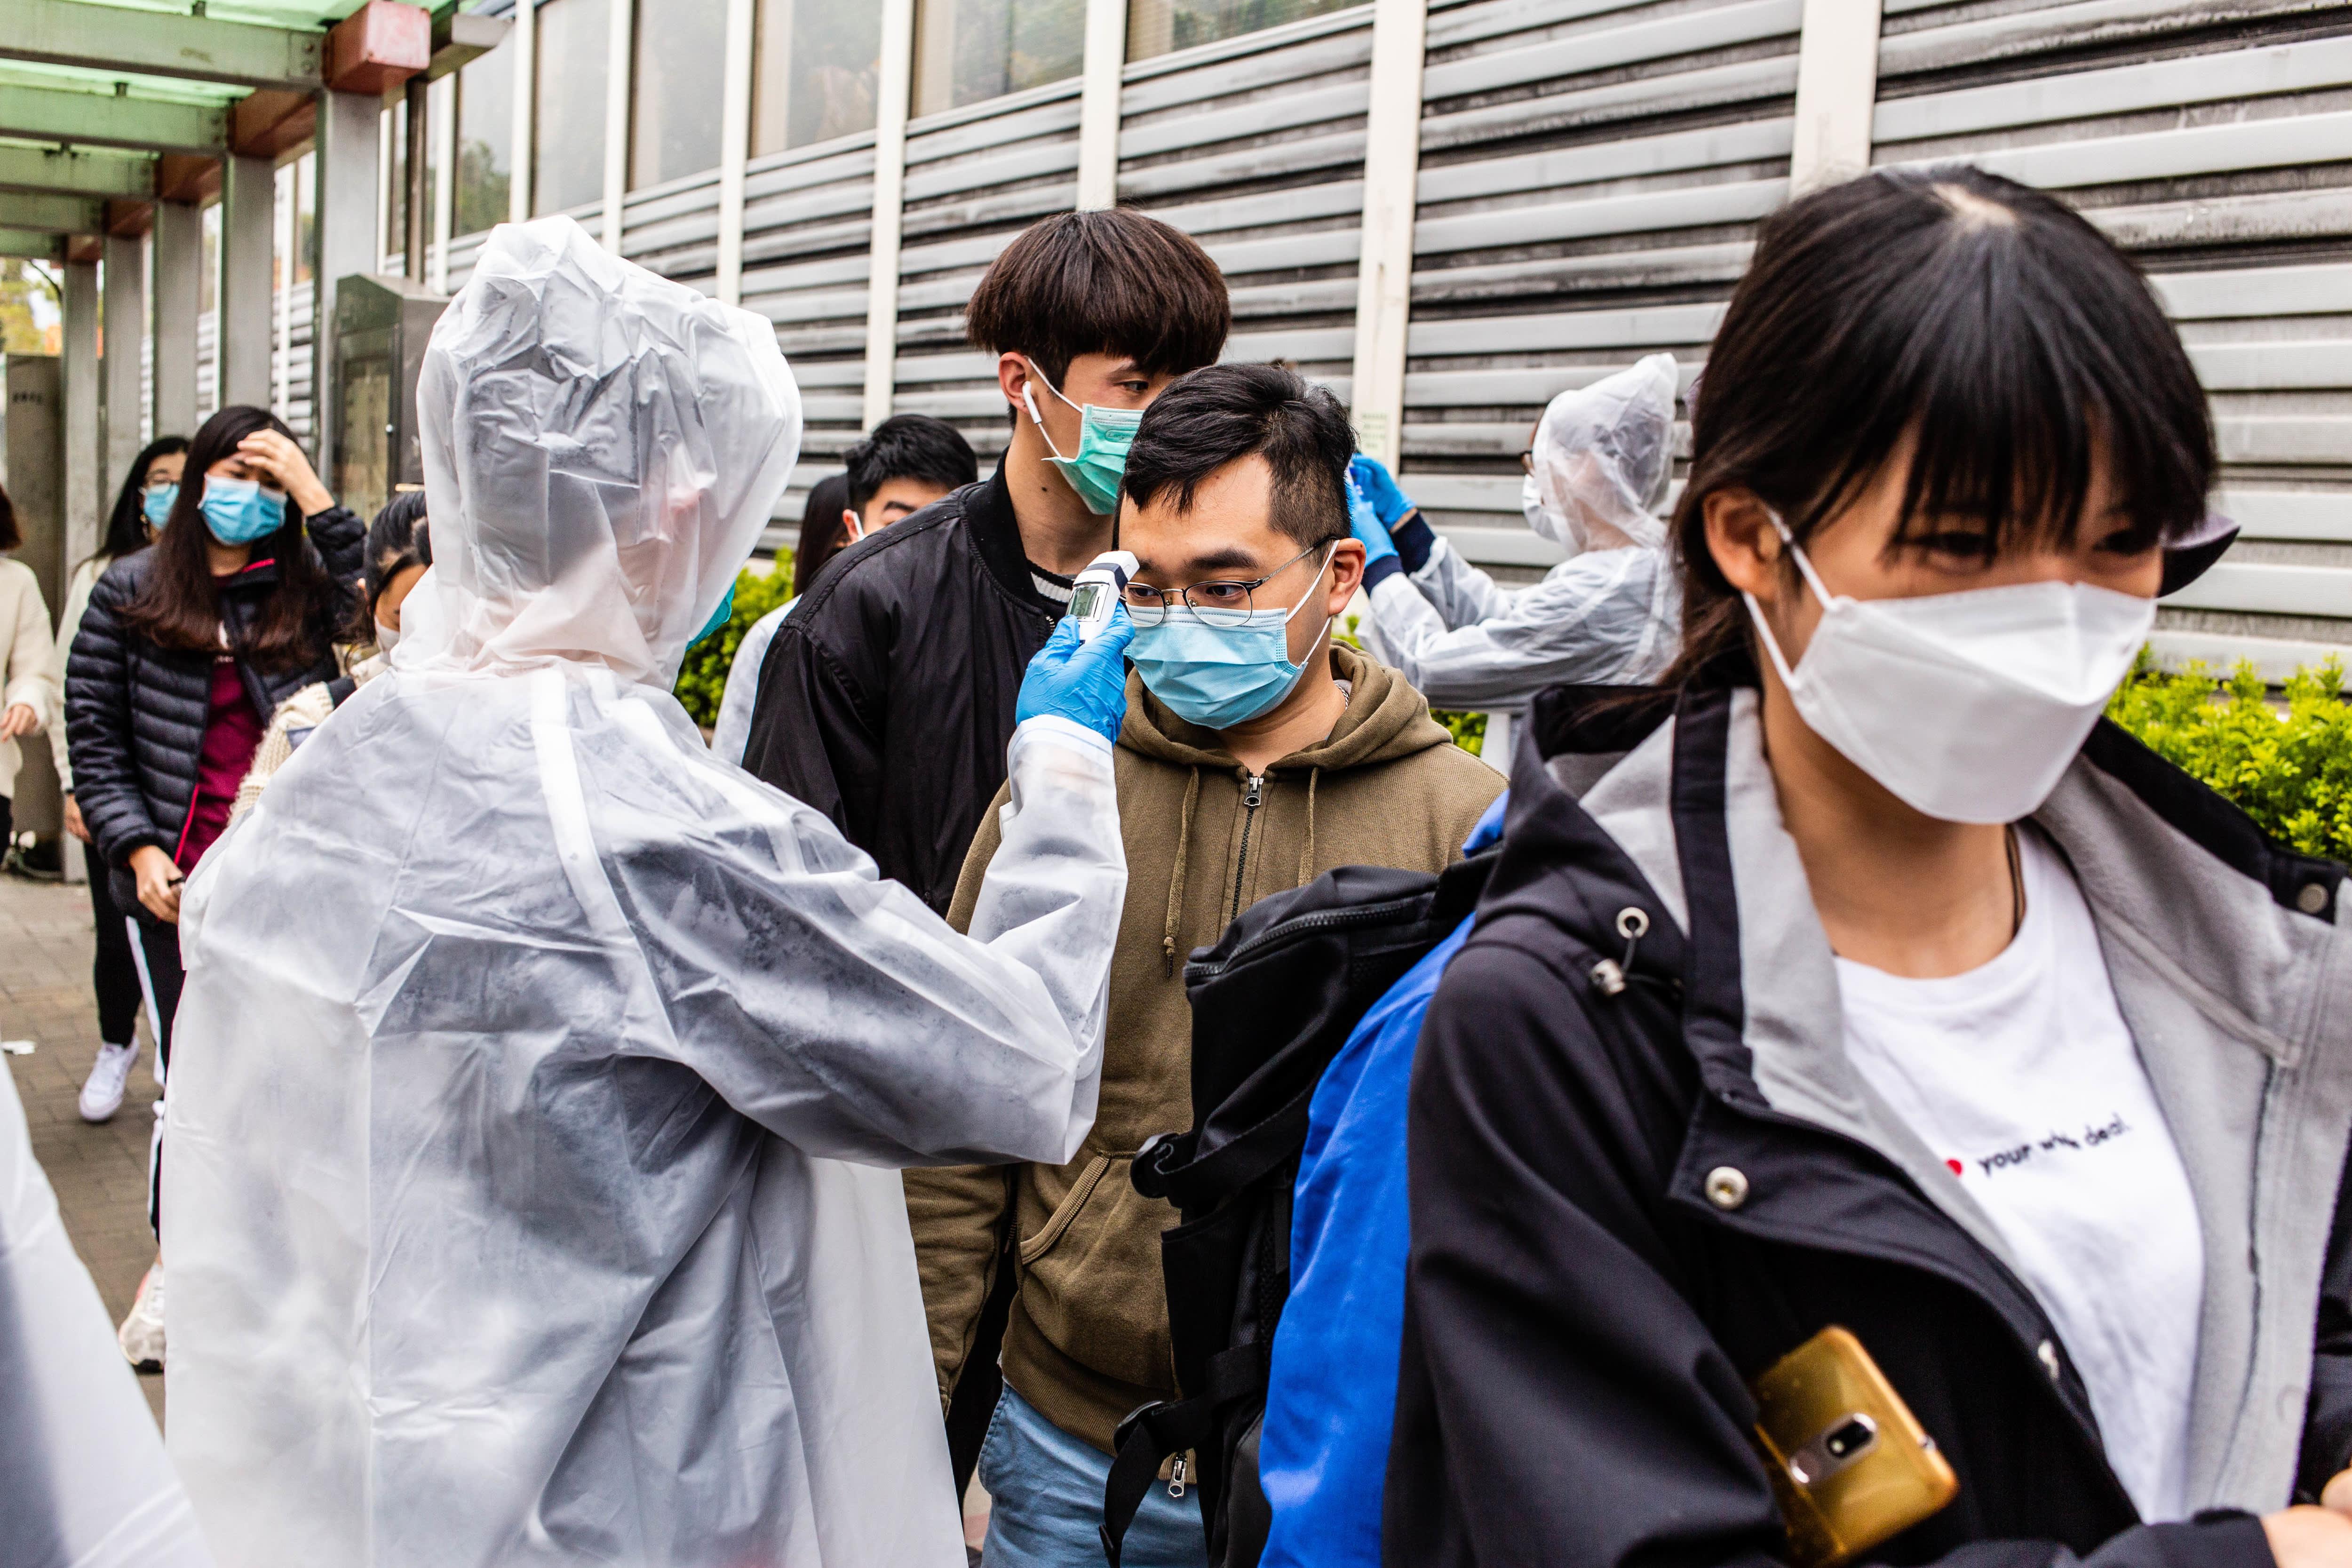 Coronavirus expected to hit Chinese travel, global economy